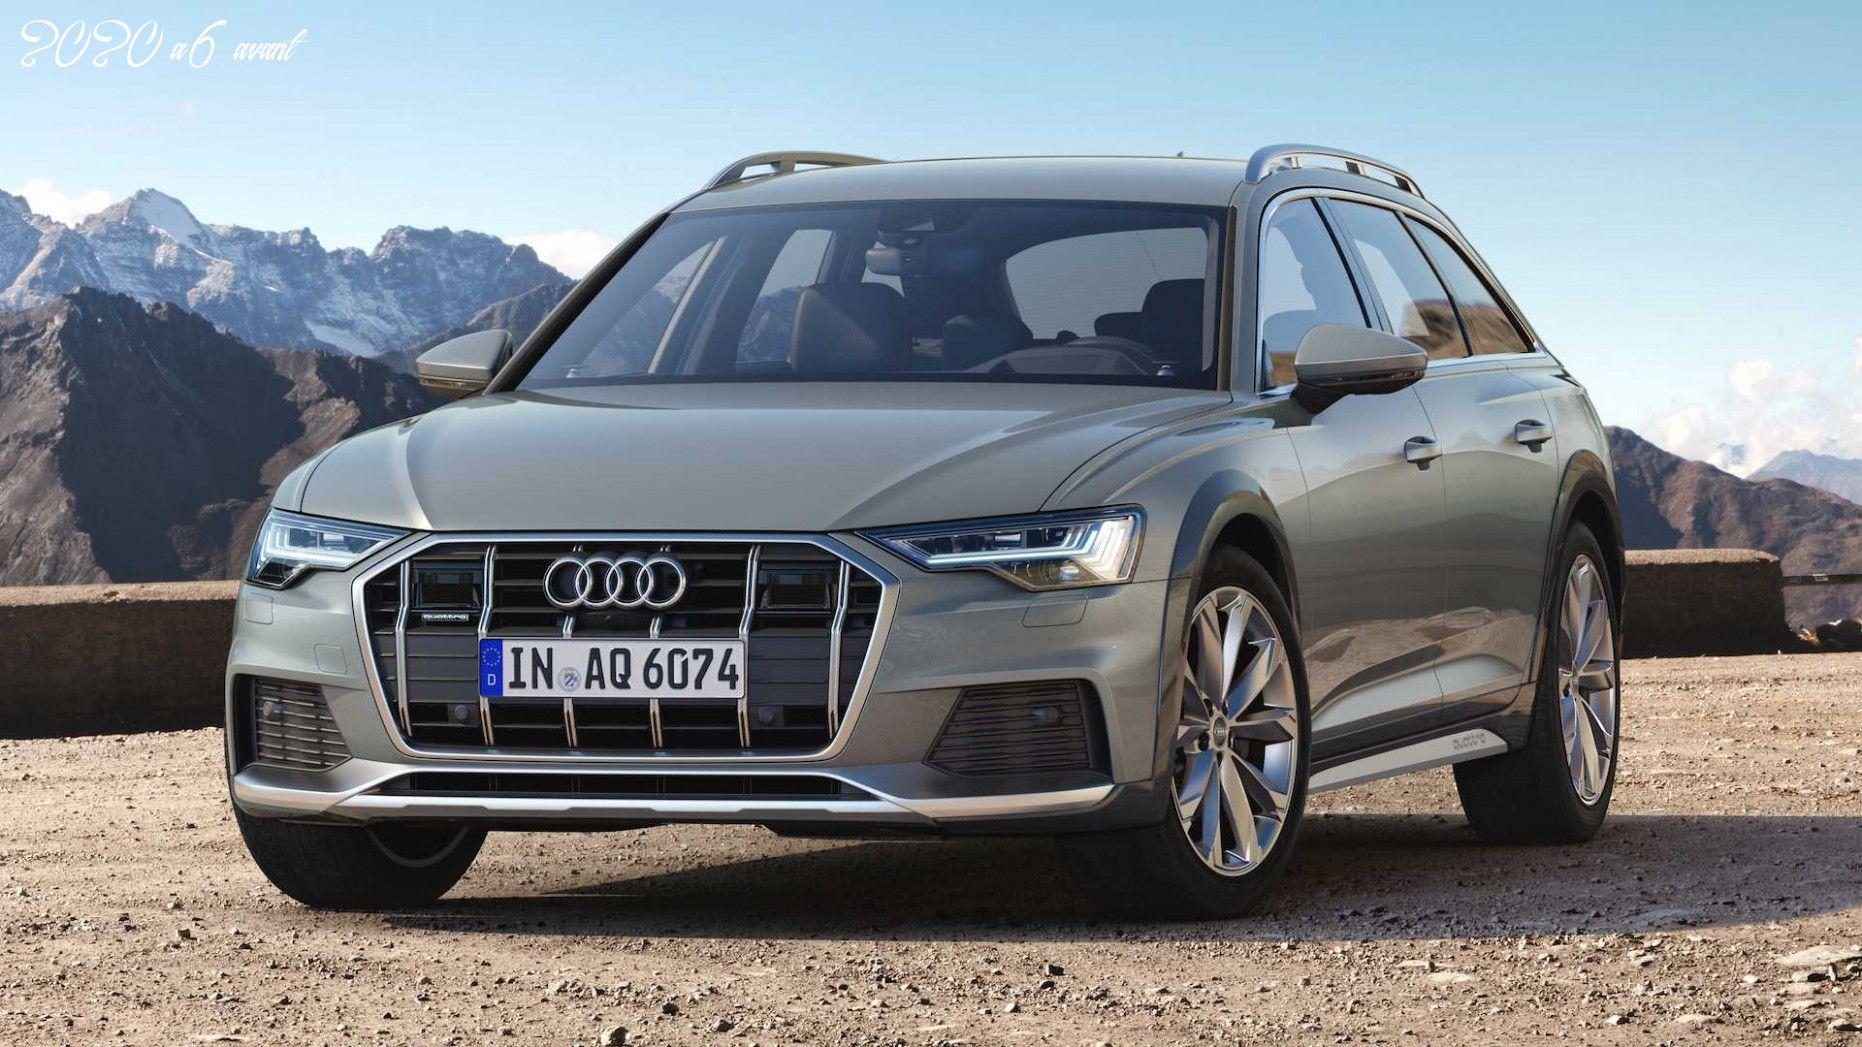 2020 A6 Avant In 2020 Audi A6 Allroad Audi A6 Audi Allroad